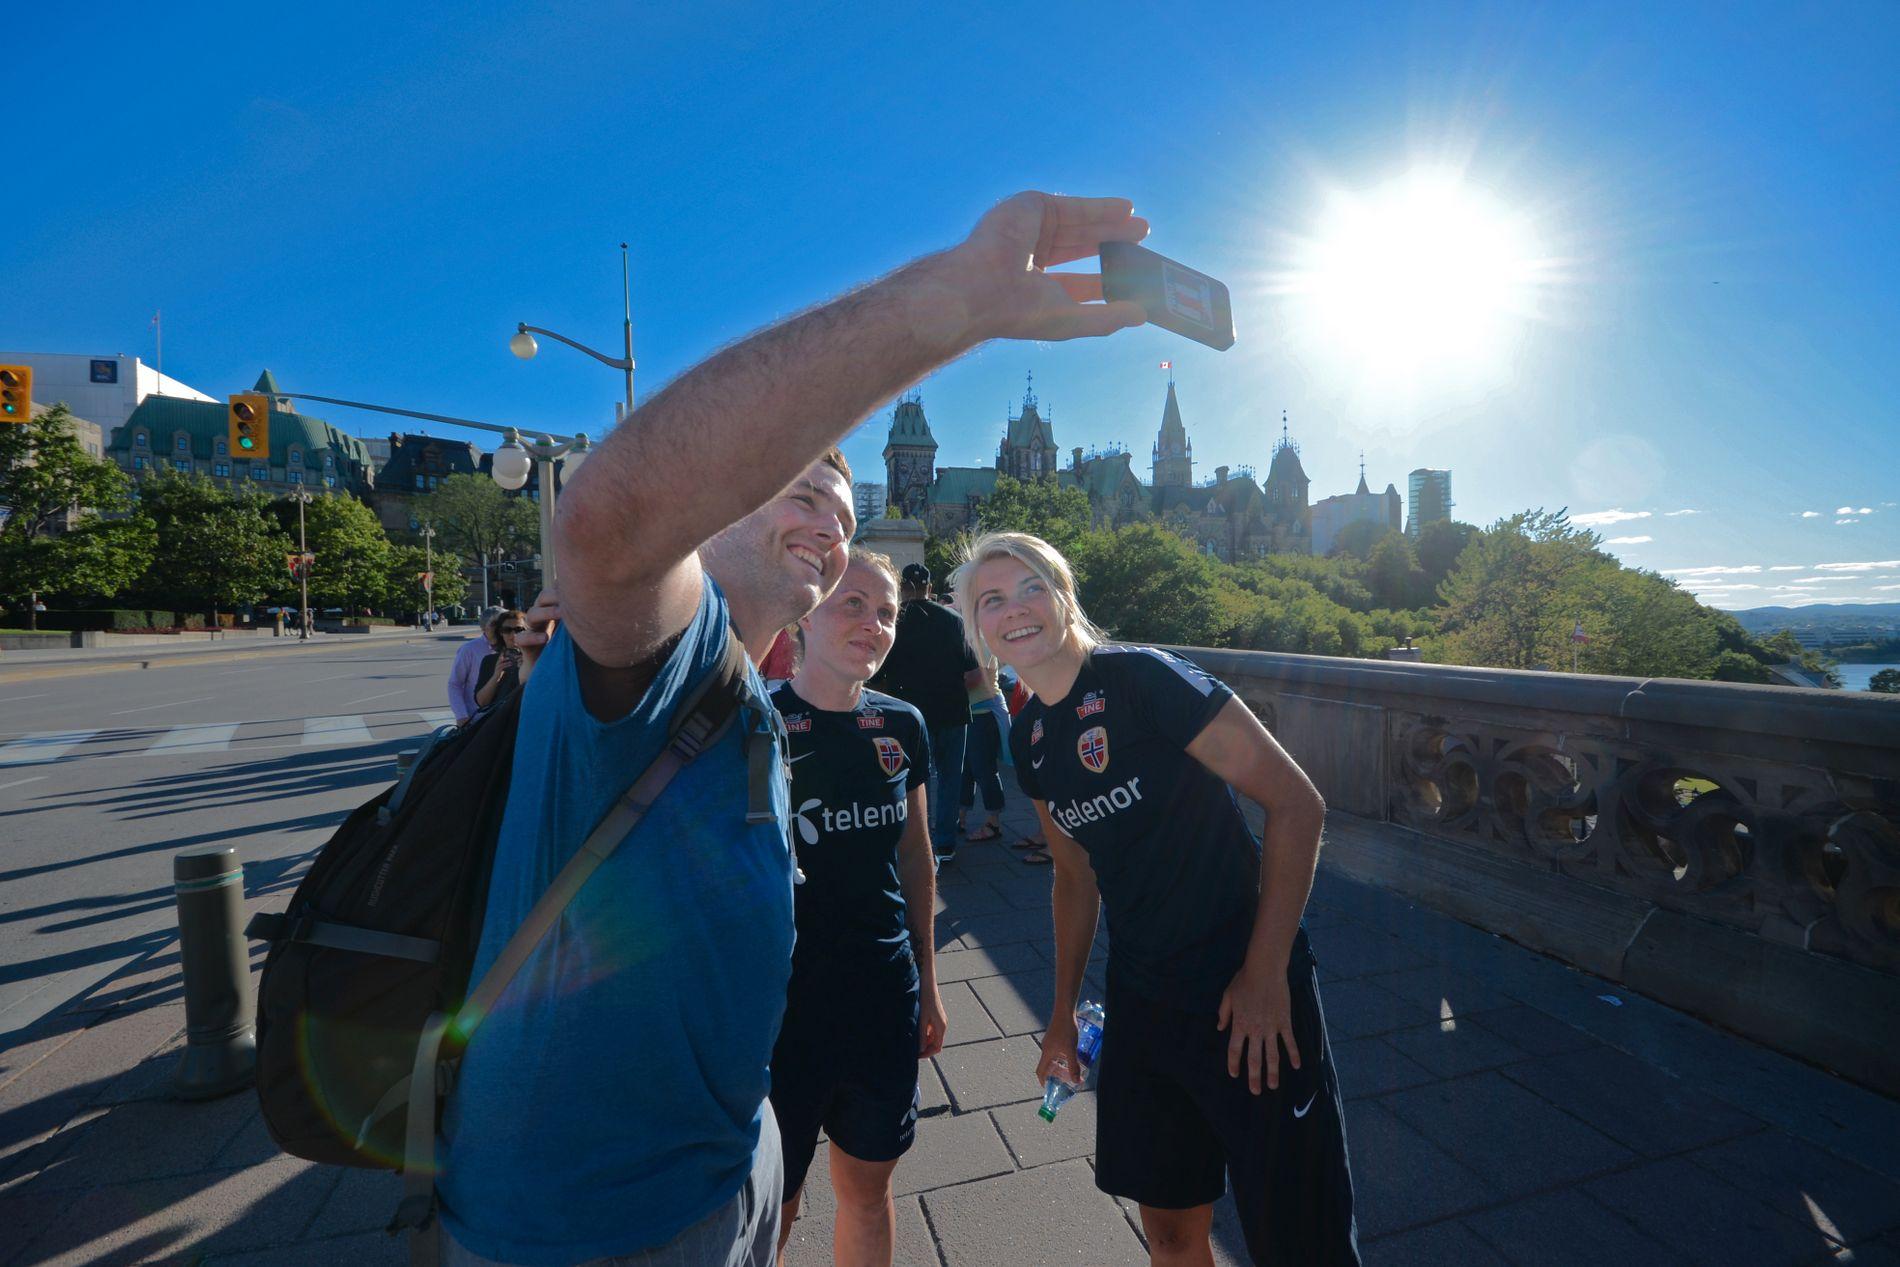 VAR PÅ LAG: Isabell Herlovsen (t.v.) og Ada Hegerberg fotografert i forbindelse med VM i Canada for fire år siden. Nå kan begge bli tilskuere under sommerens mesterskap.